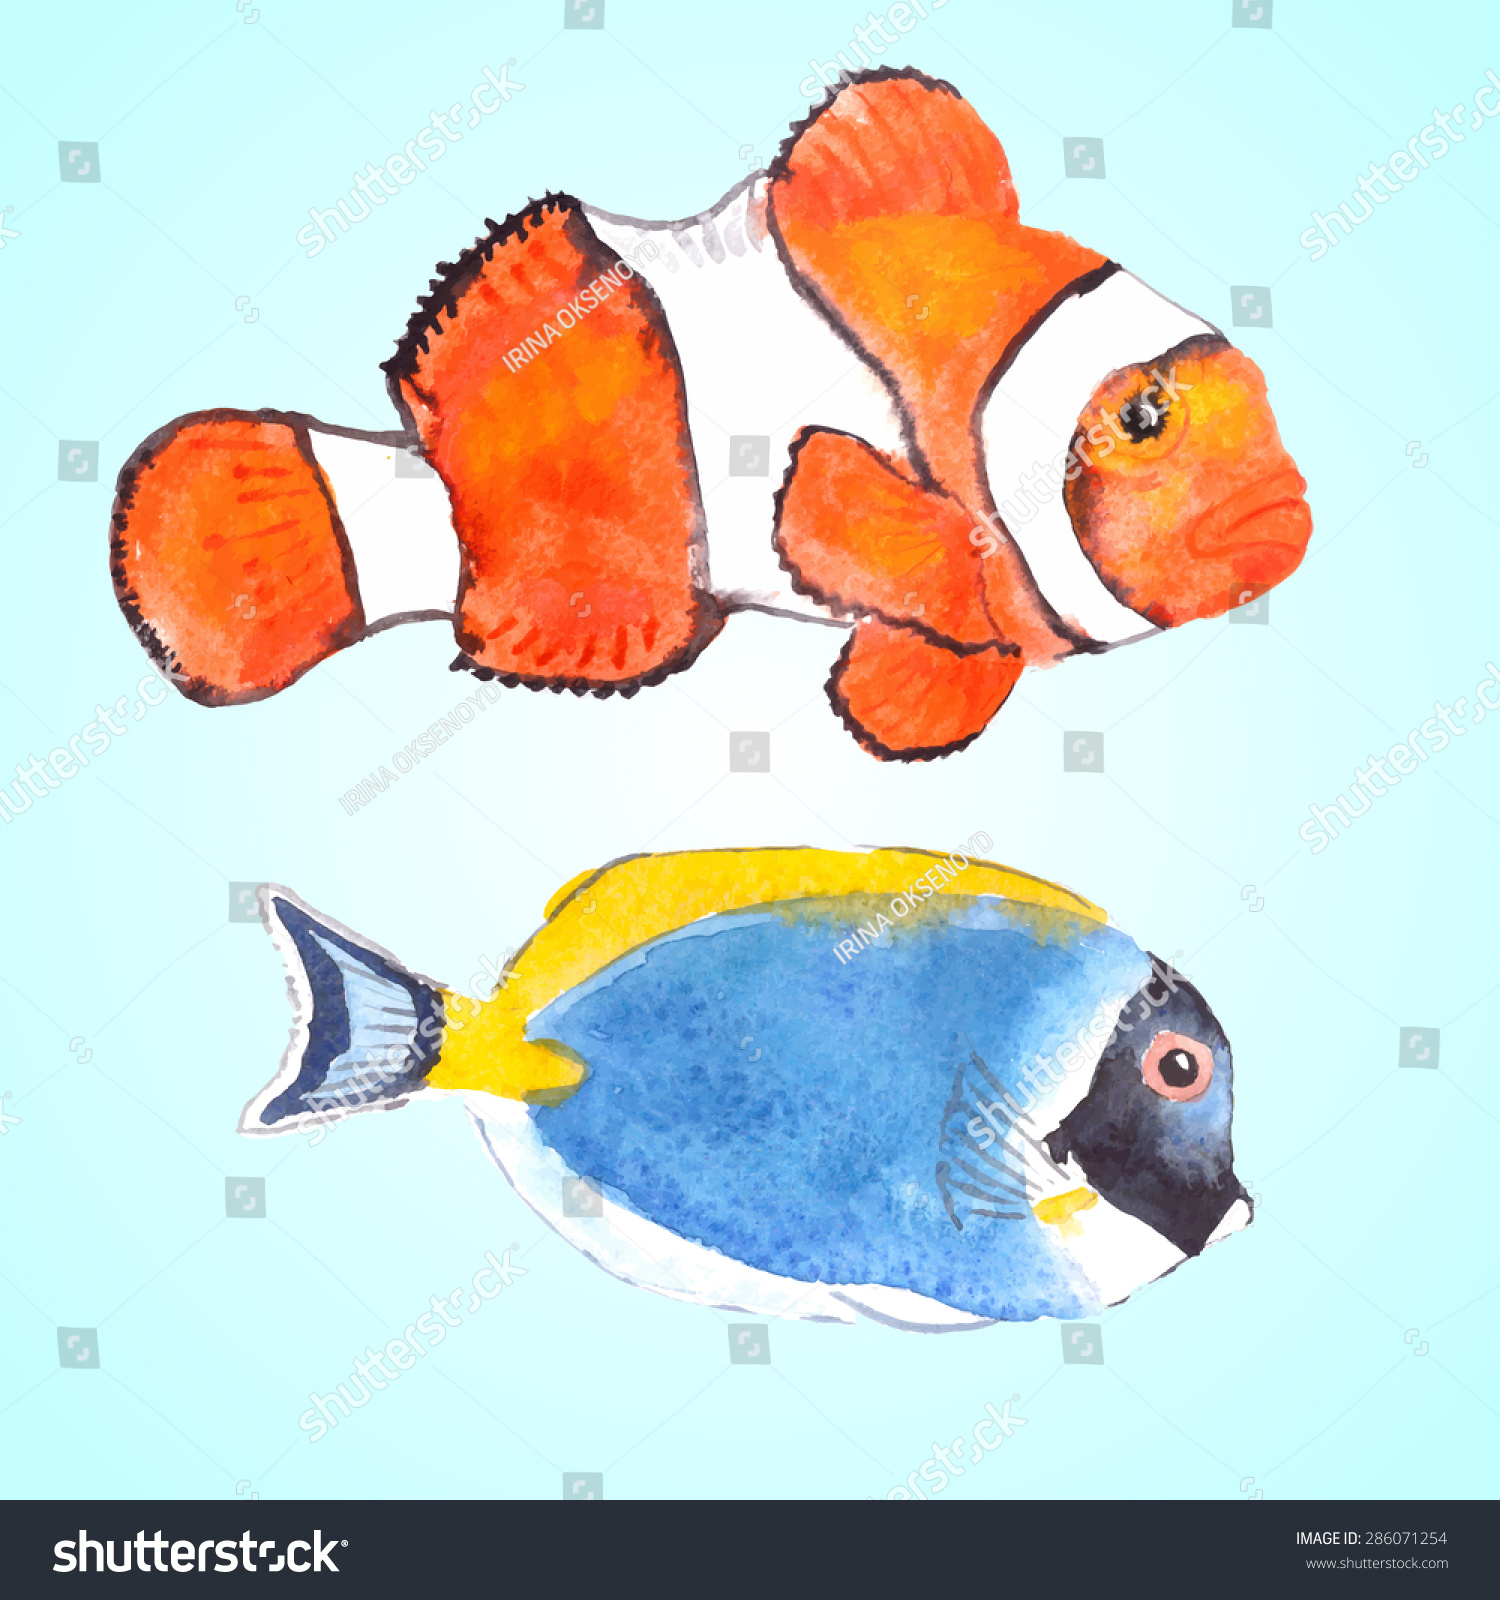 小丑鱼和海葵鱼和粉蓝色的